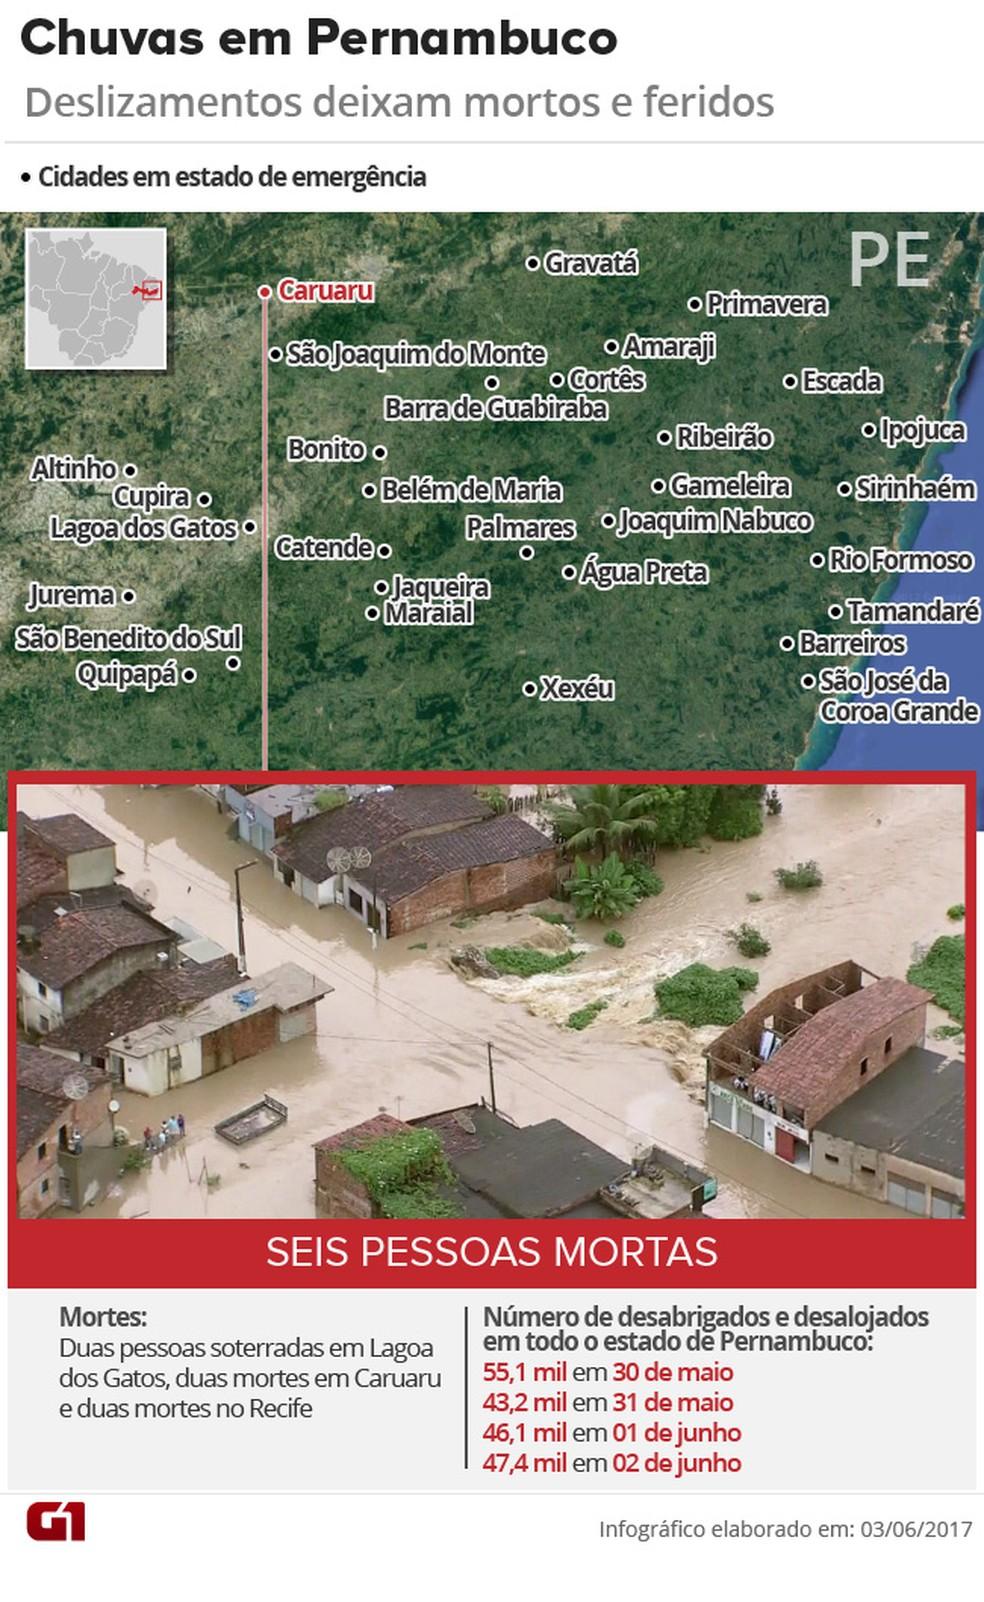 Chuvas deixam mais de 47 mil fora de suas casas em Pernambuco (Foto: Editoria de Arte/G1)